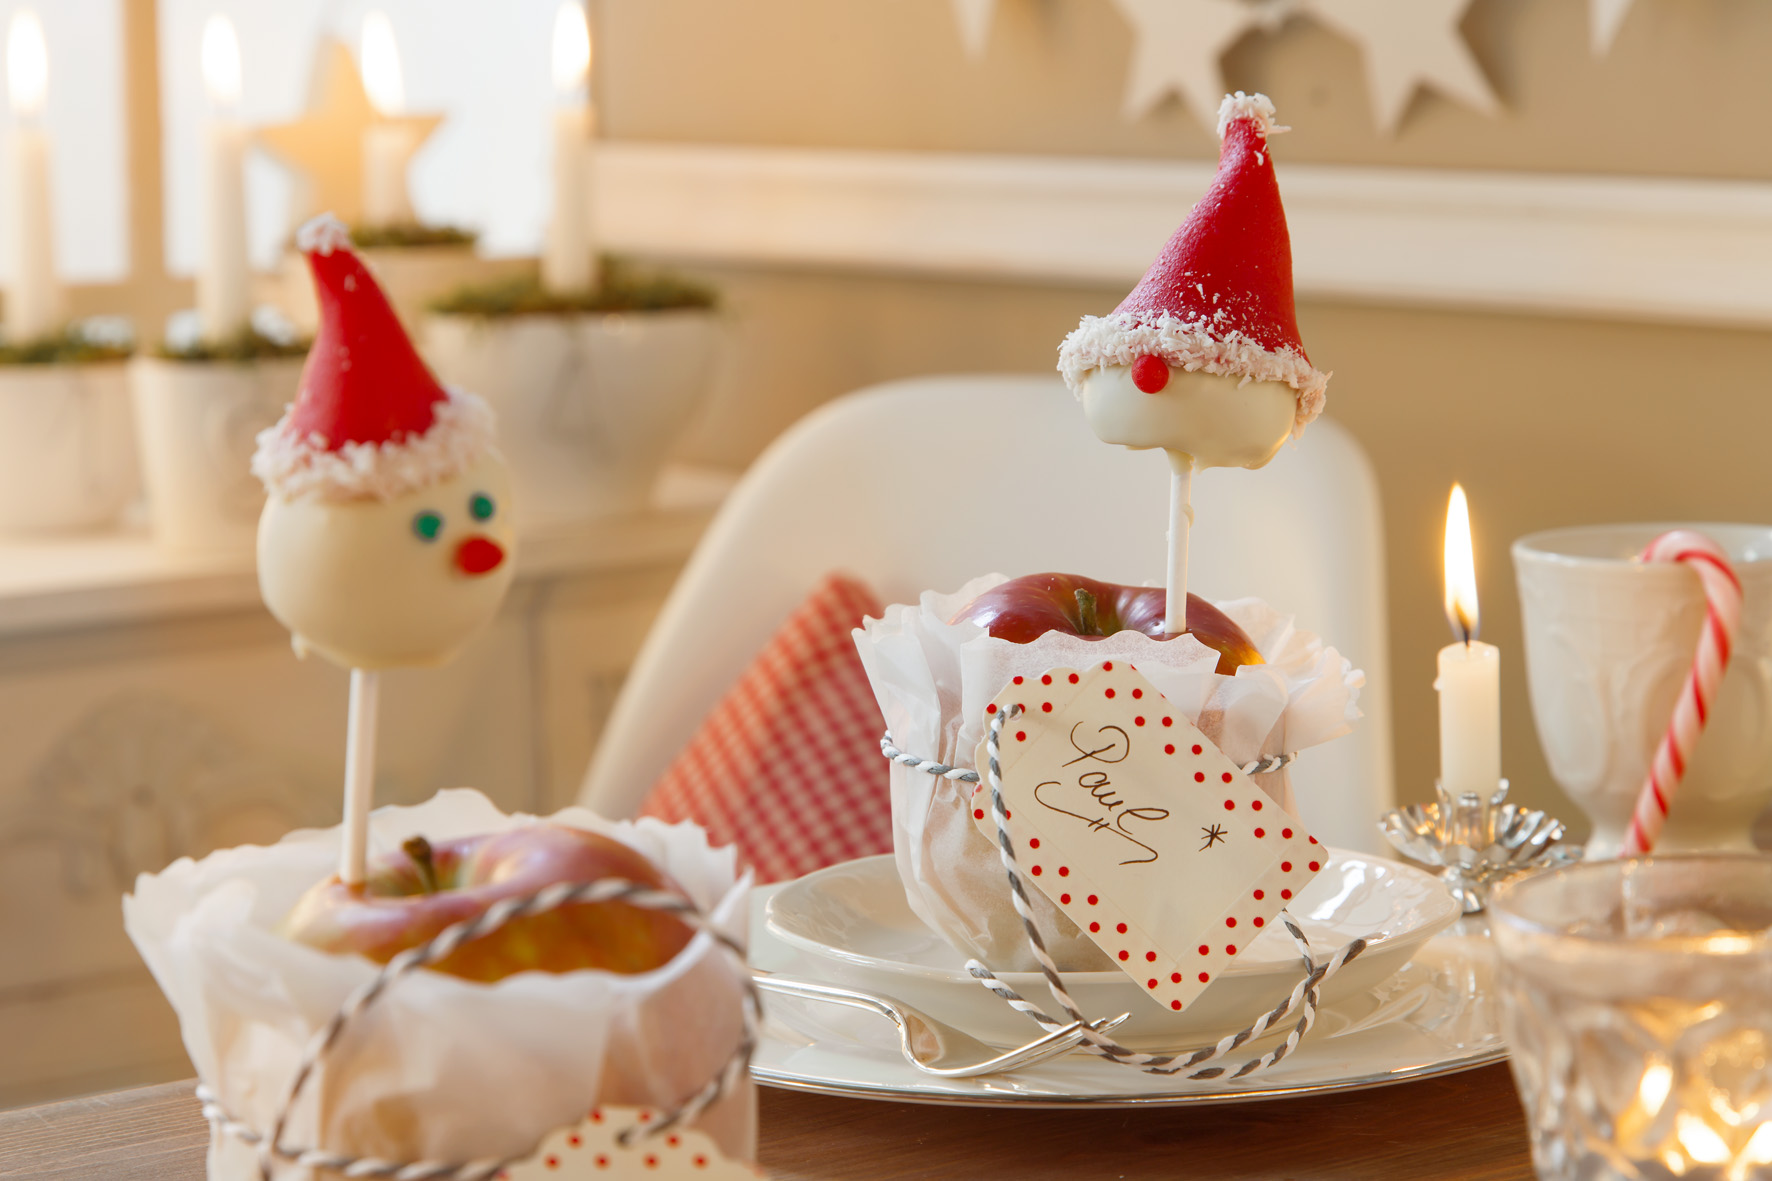 Cake-Pop Nikolaus